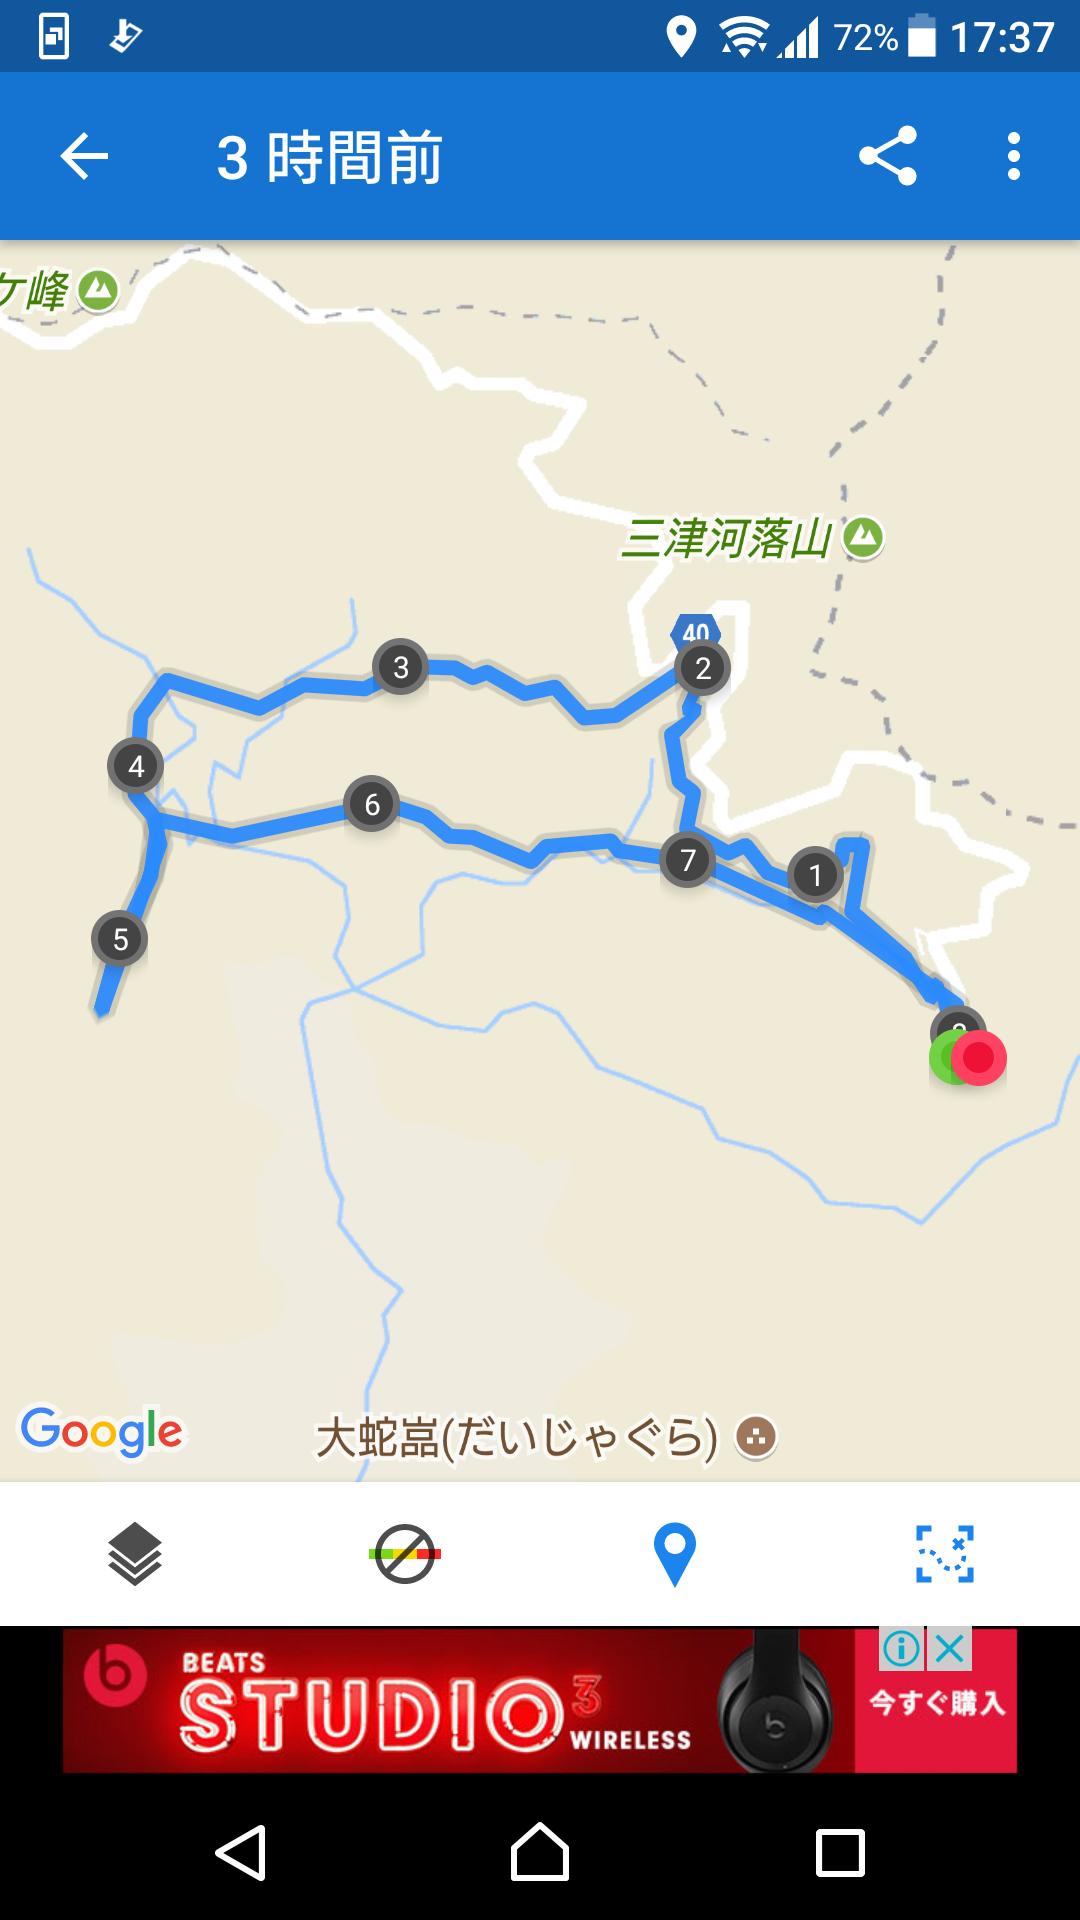 f:id:ynakayama27:20171003163002p:plain